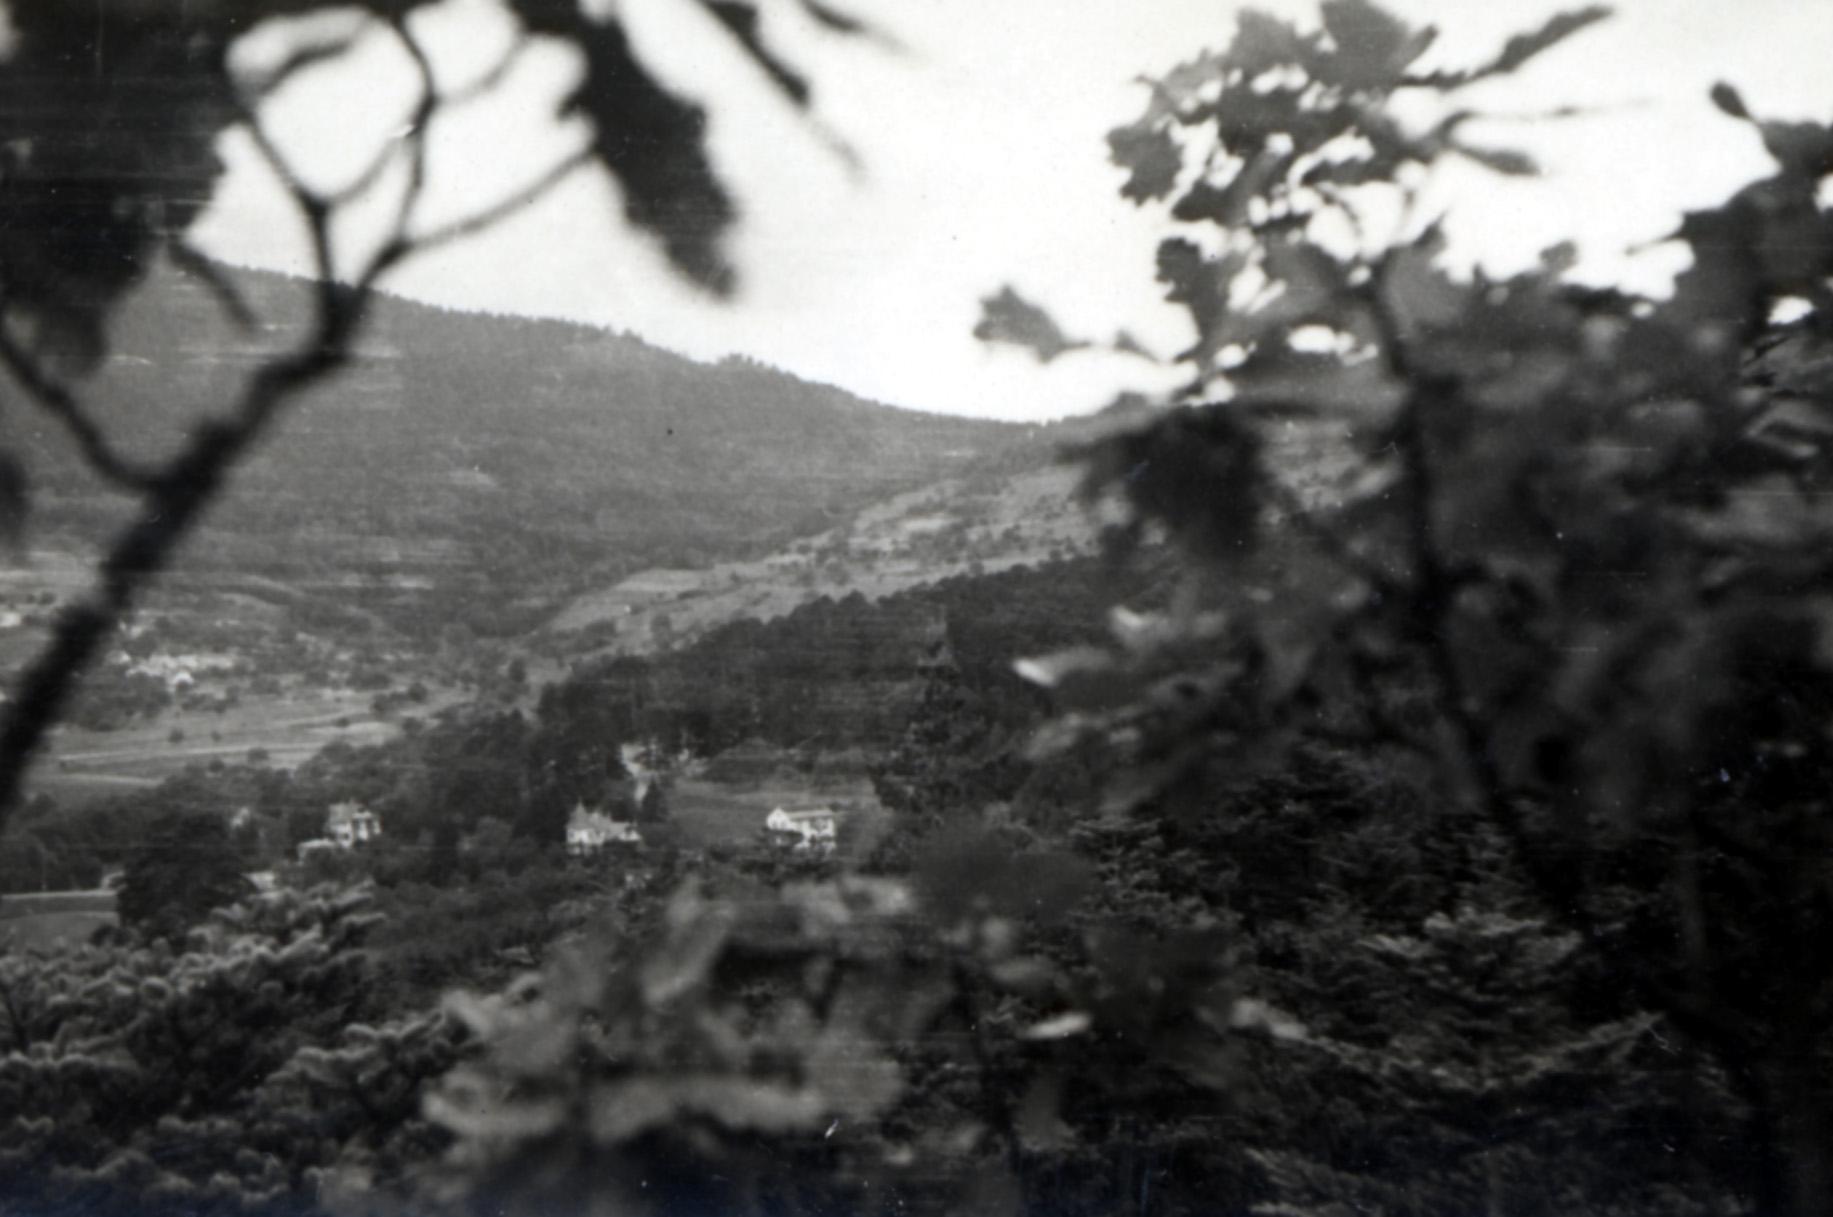 1935-1940 rocher du coucou_thannenkirch